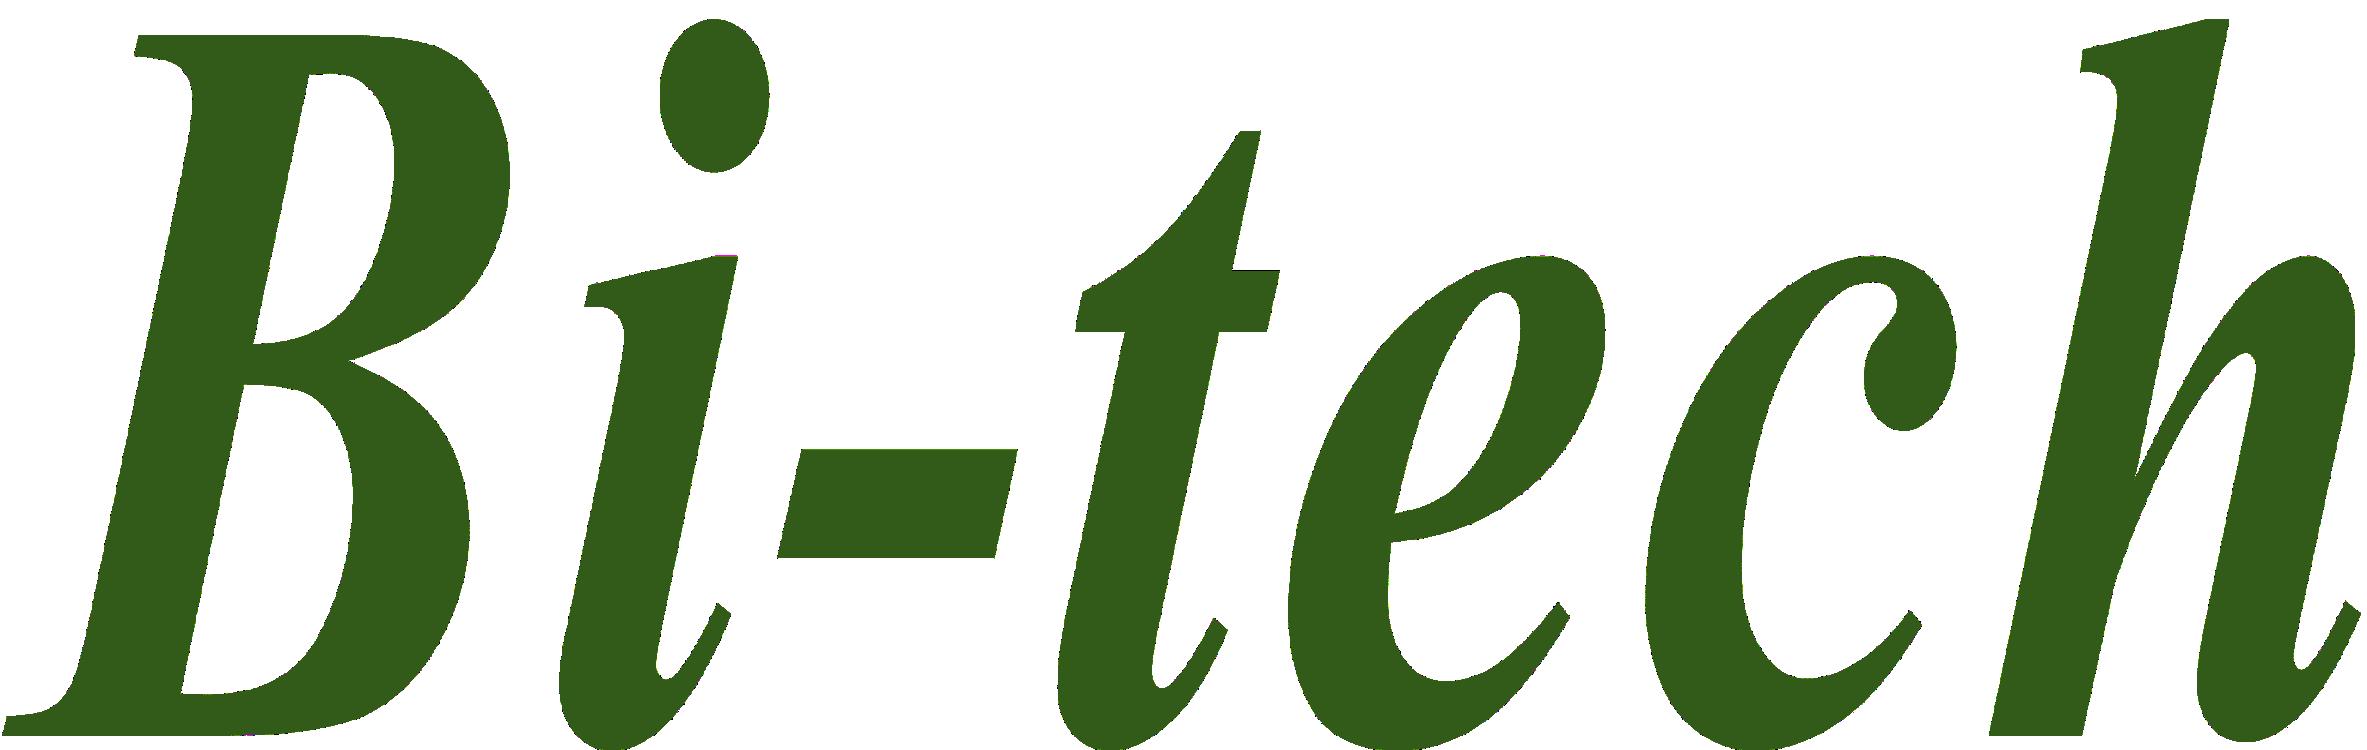 bi-tech